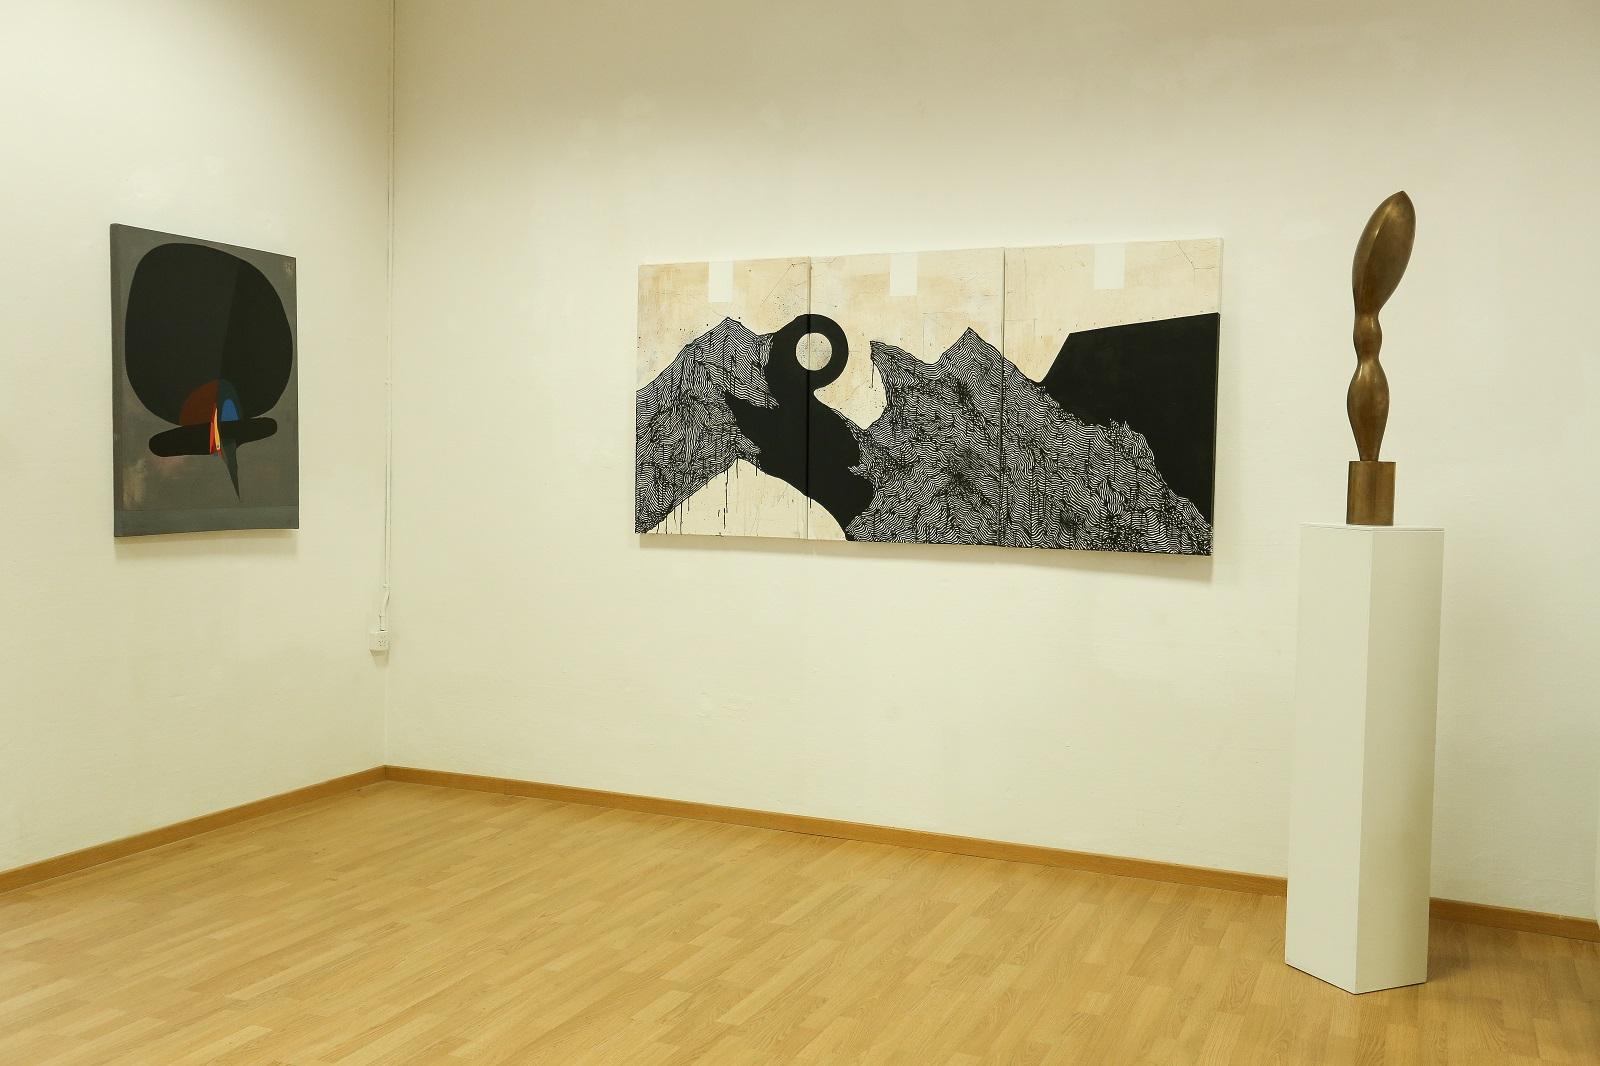 108-la-forma-e-lignoto-at-ego-gallery-recap-04